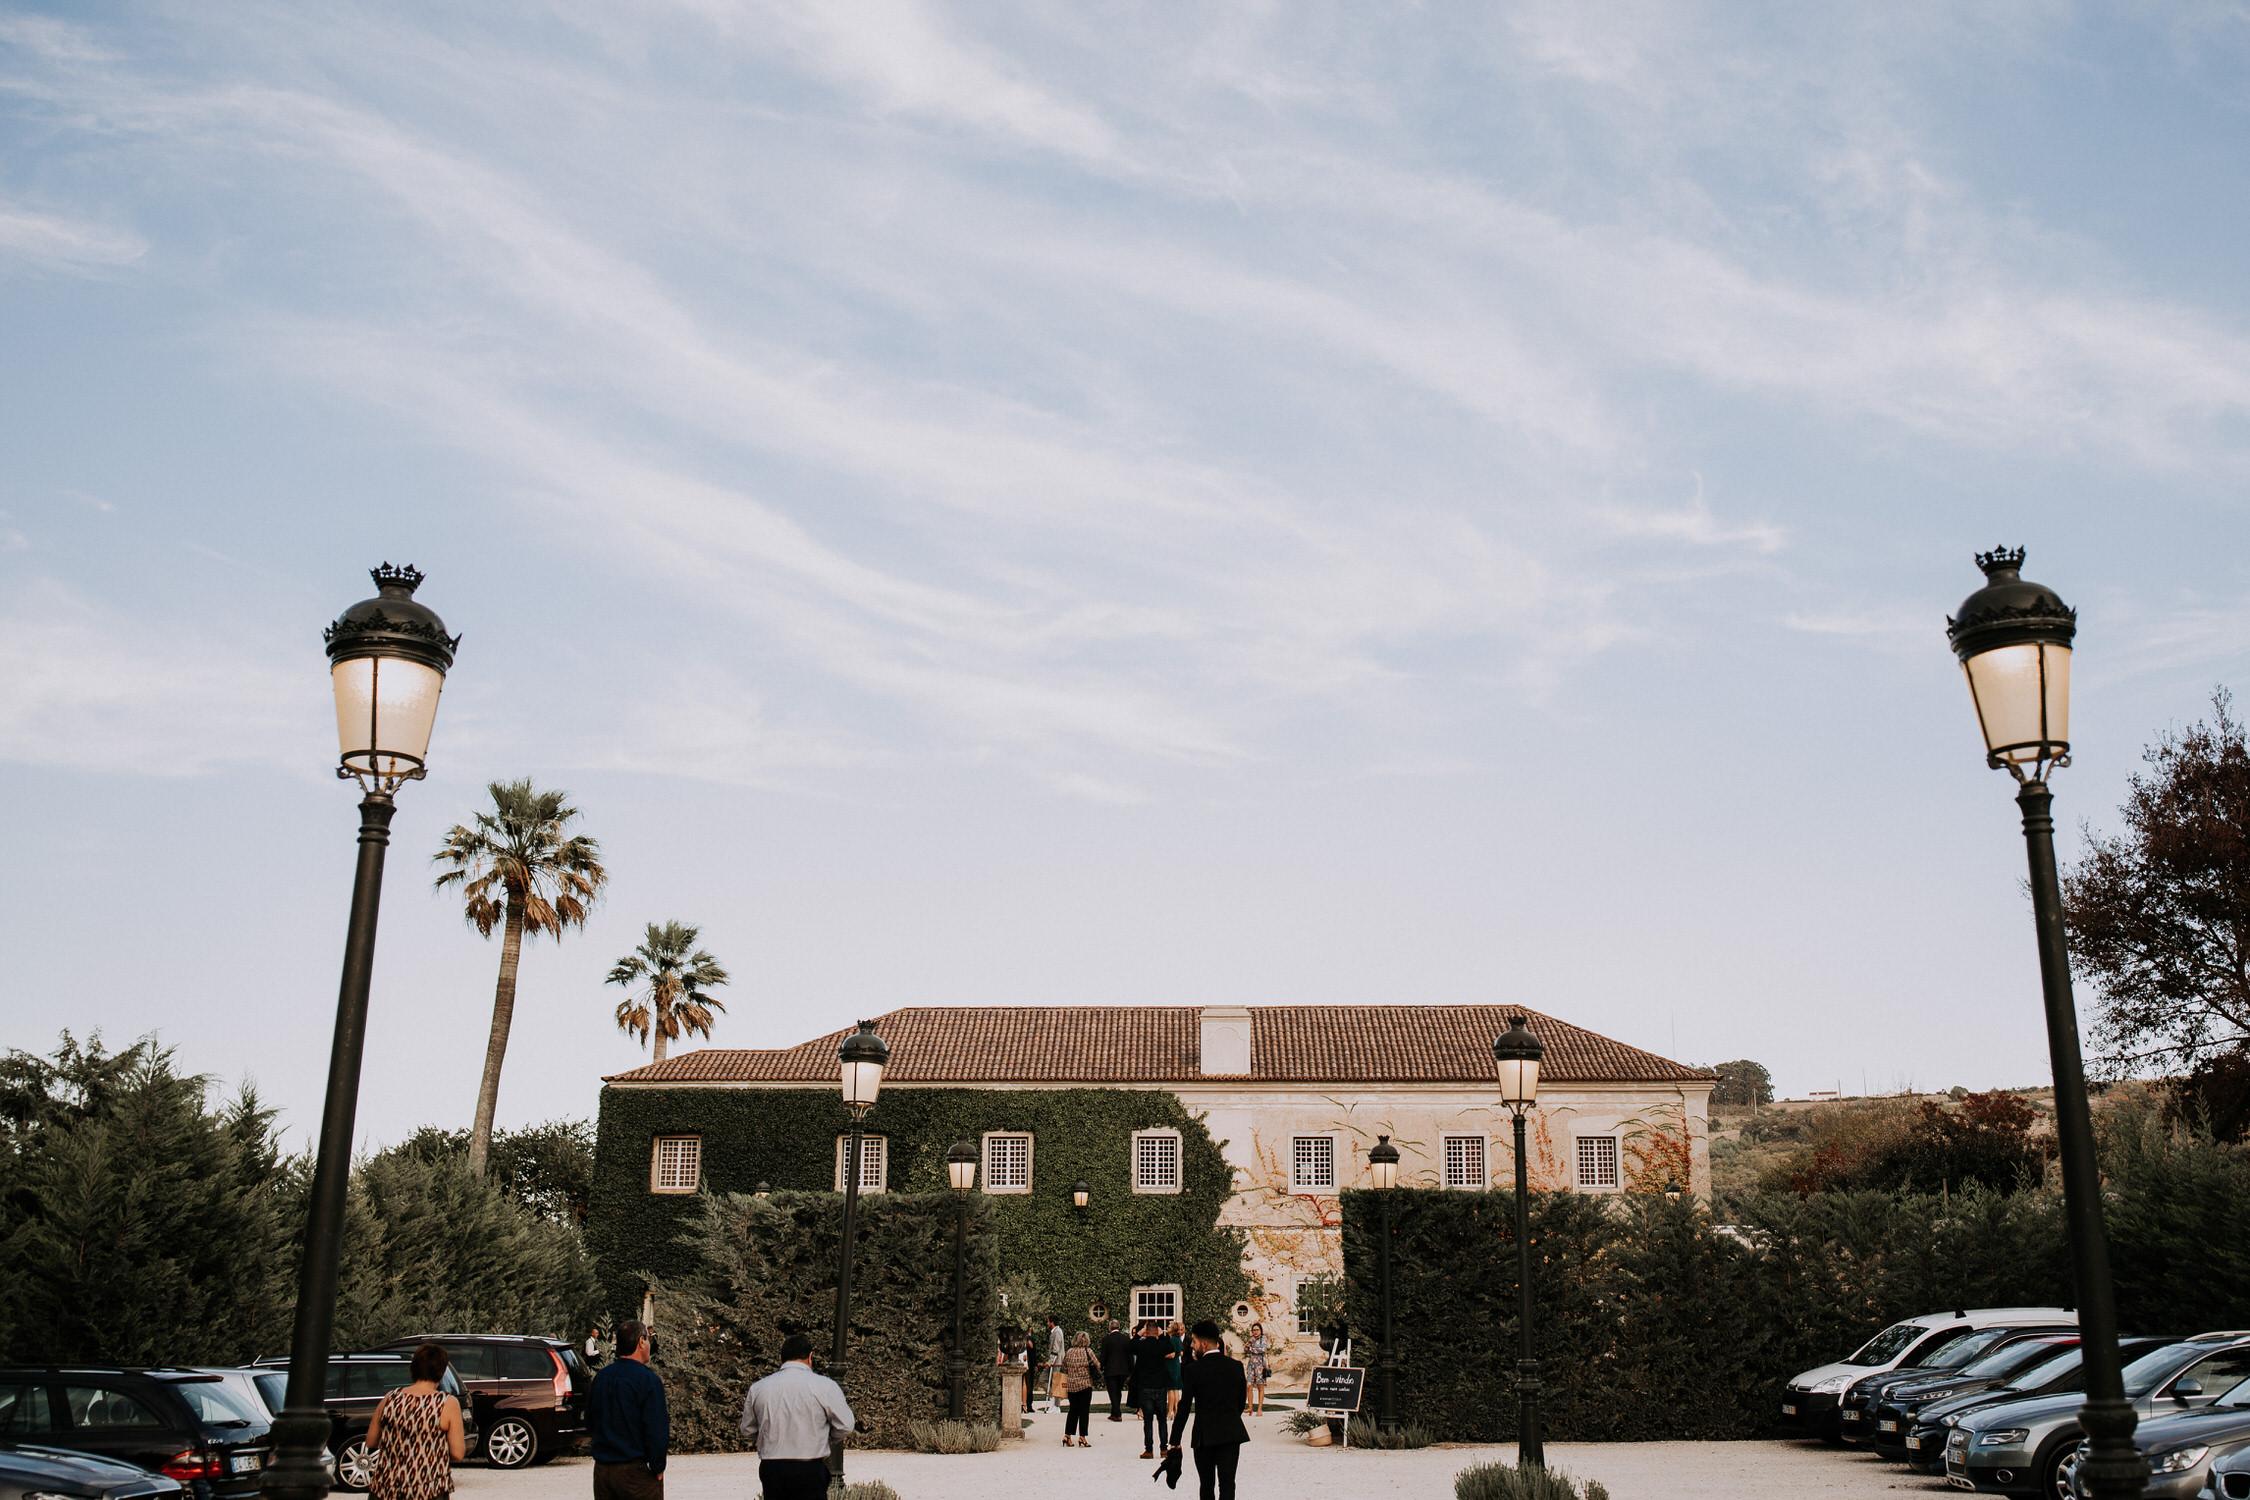 074 Filipe Santiago Fotografia Casamento wedding photographer near venue Lisbon Malveira Ericeira best Sintra Portugal destination solar de pancas alenquer